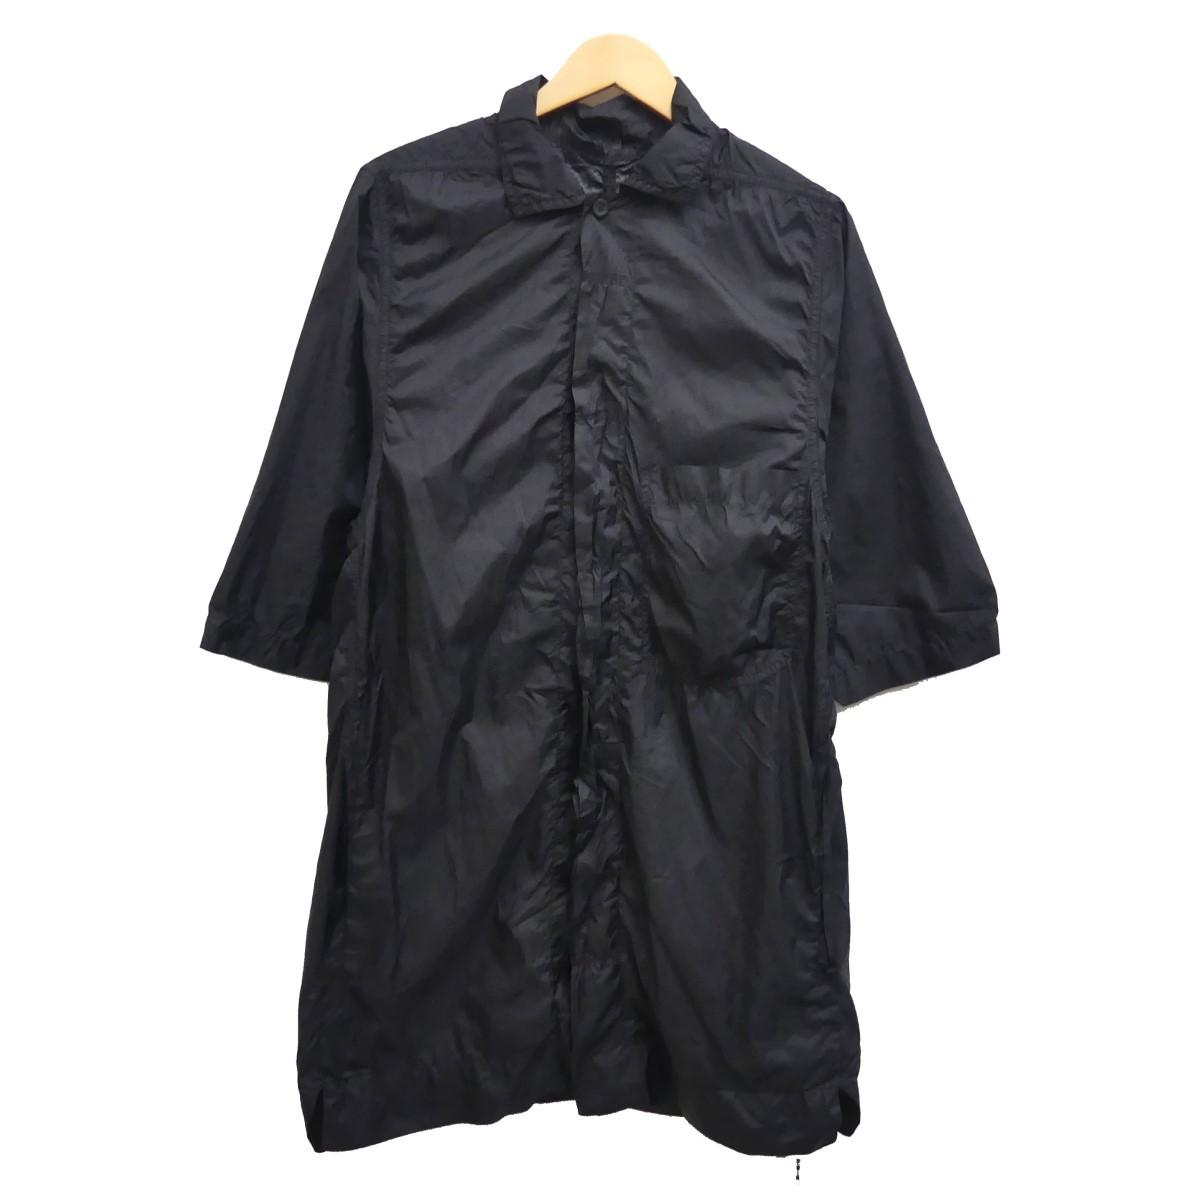 【中古】DRKSHDW DRKSHDW SS WORKER POCKETS デザインシャツ ブラック サイズ:XS 【020520】(ダークシャドウ)